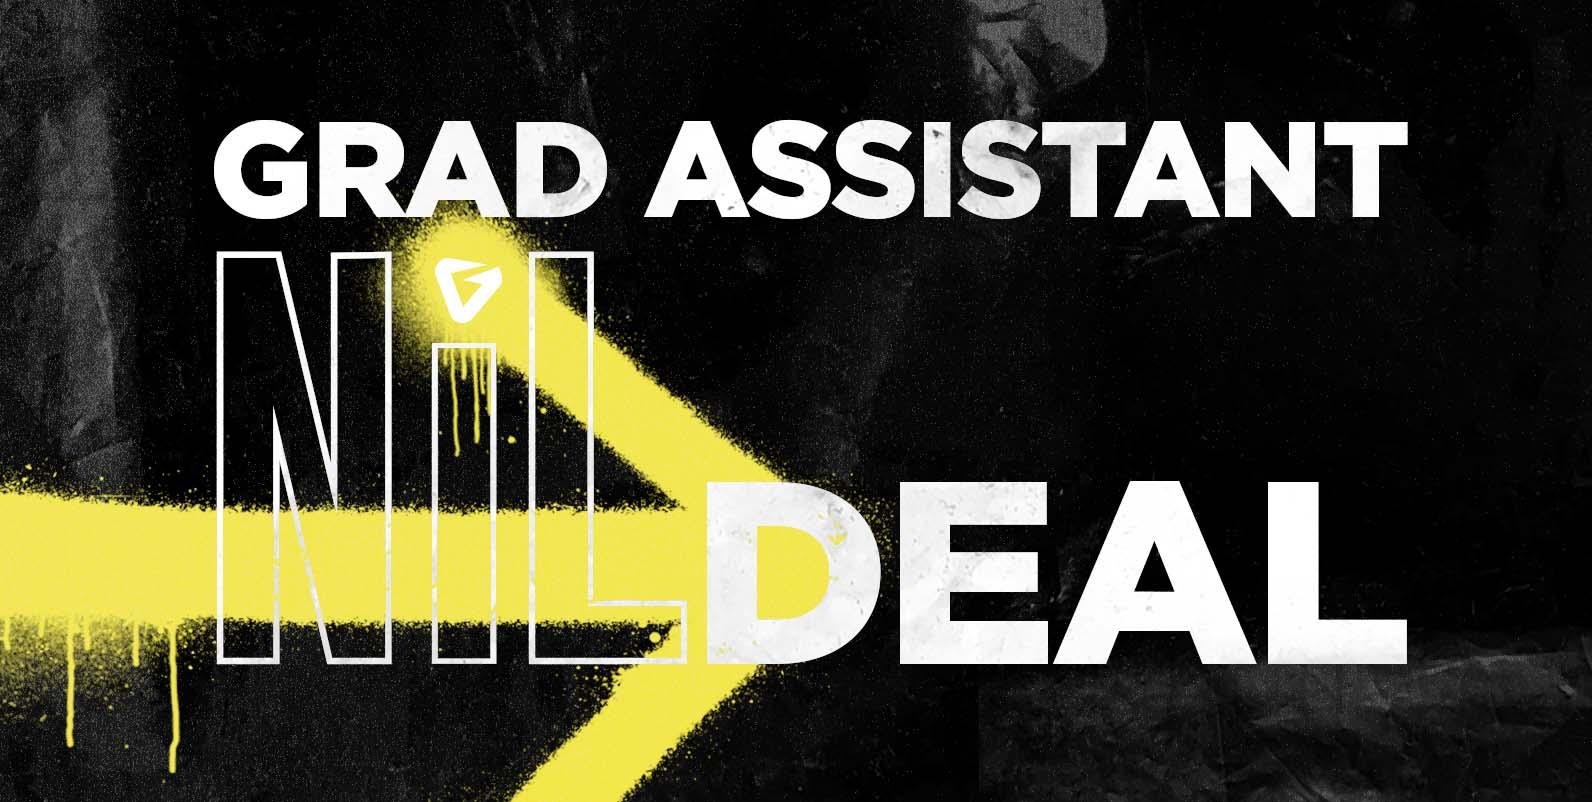 GMTM Grad Assistant NIL Deal